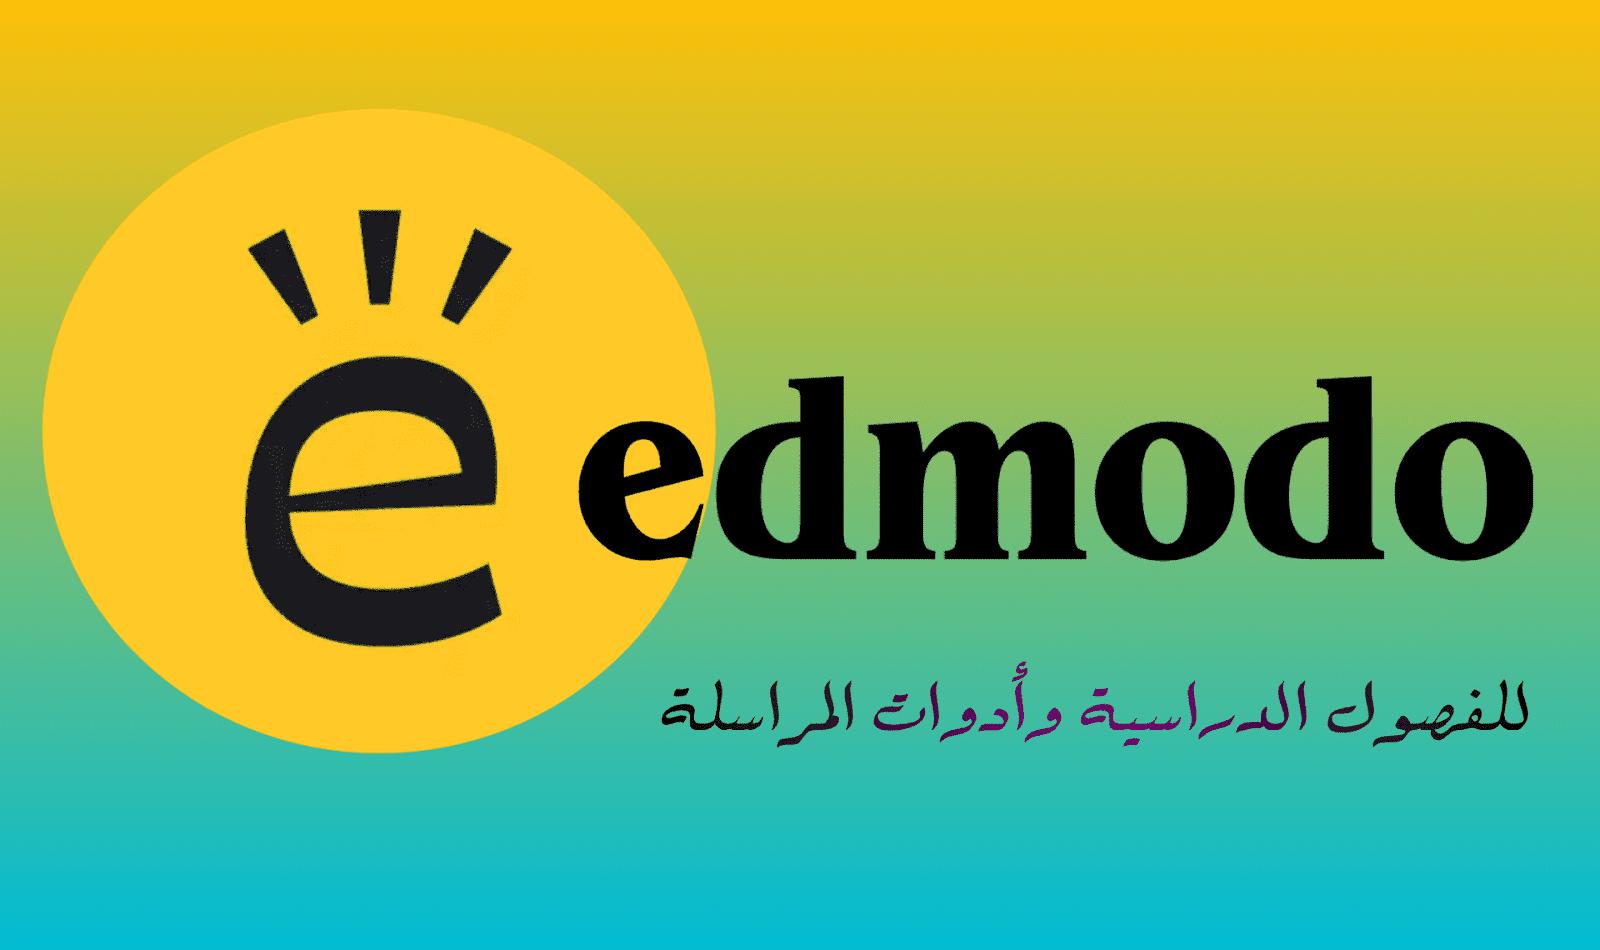 تحميل برنامج edmodo على الكمبيوتر